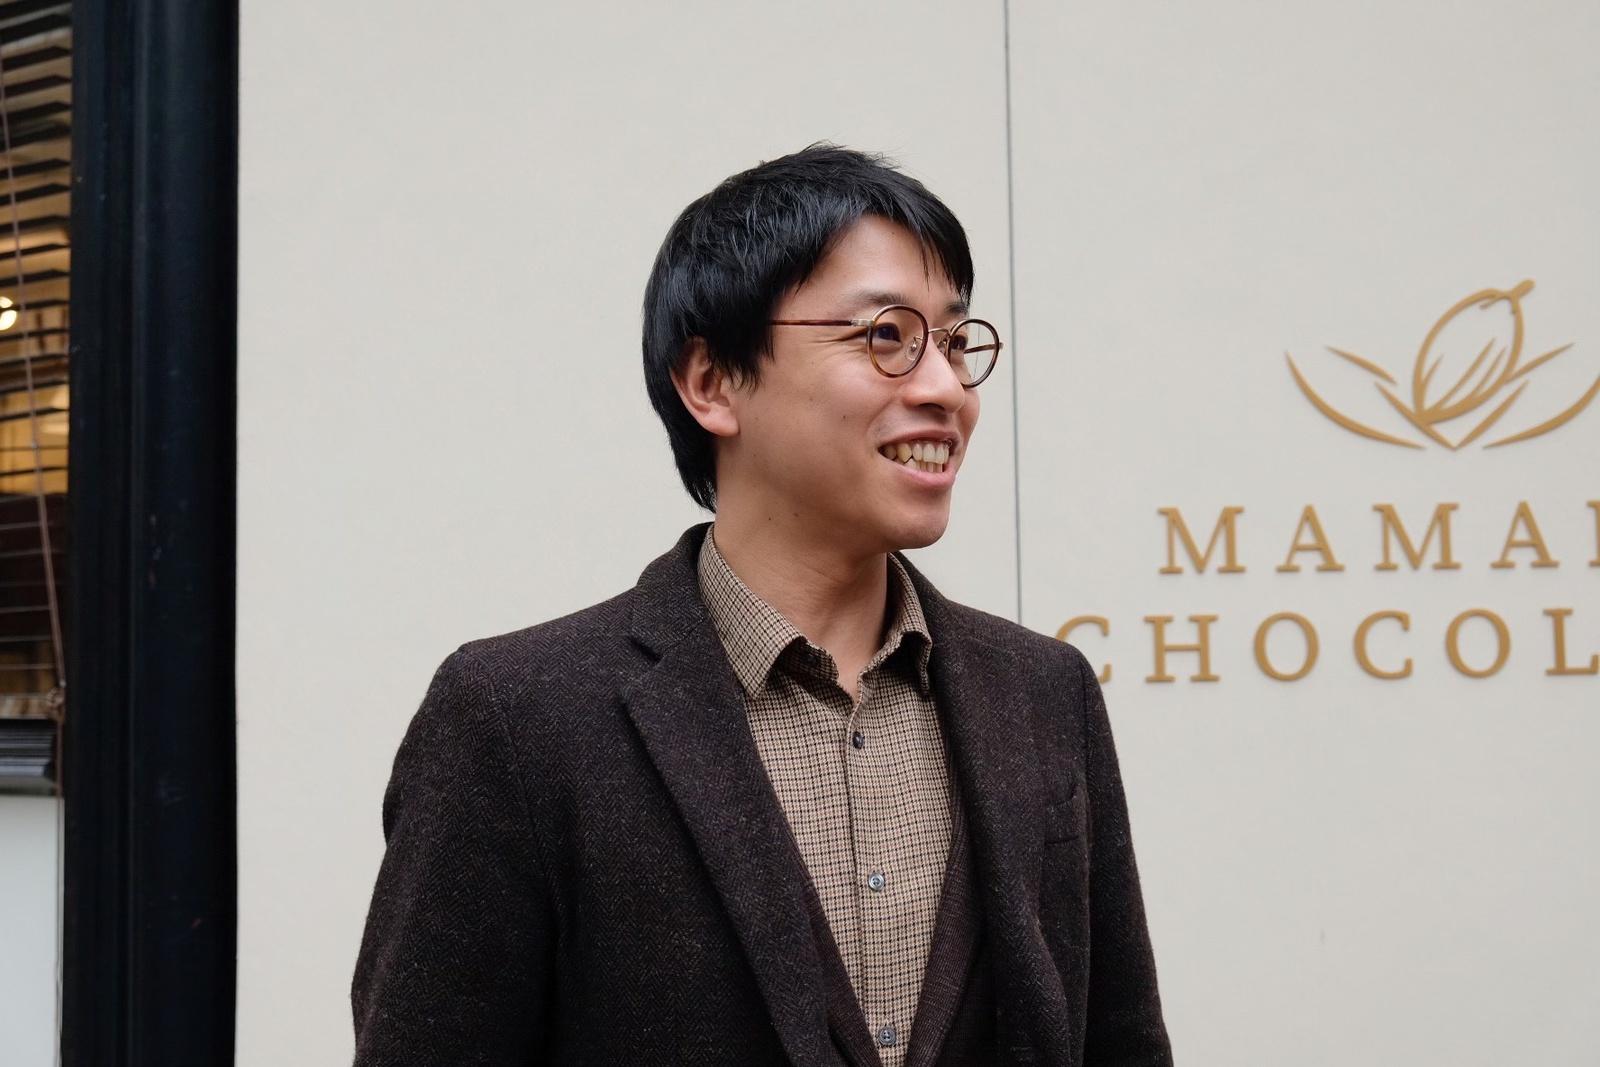 カカオとの出会いが人生を変えた「MAMANO CHOCOLATE」江澤さんインタビュー